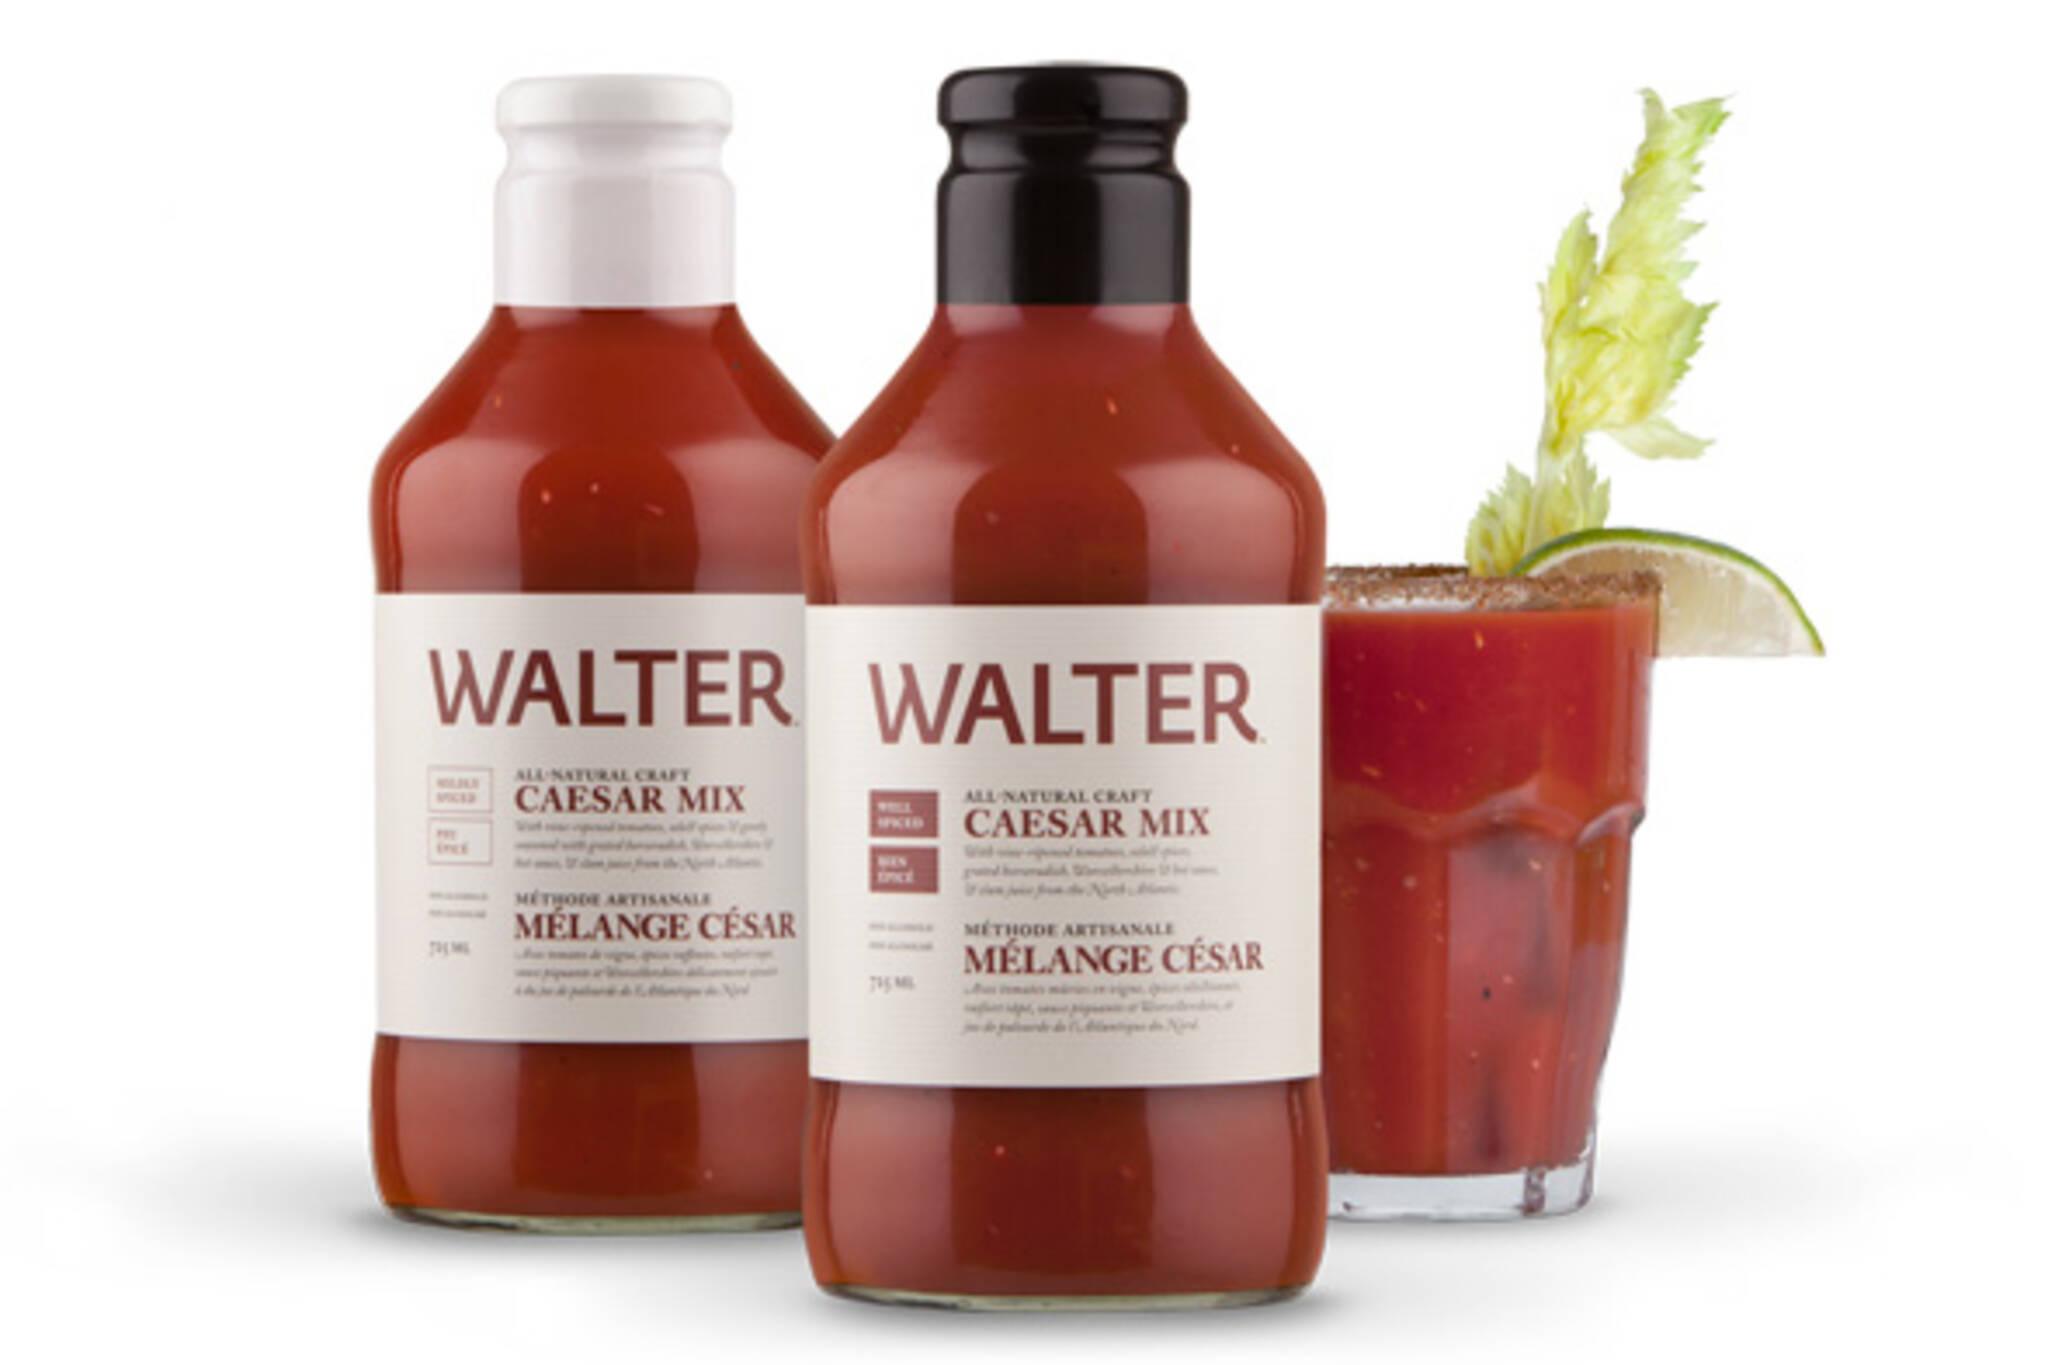 Walter Caesar